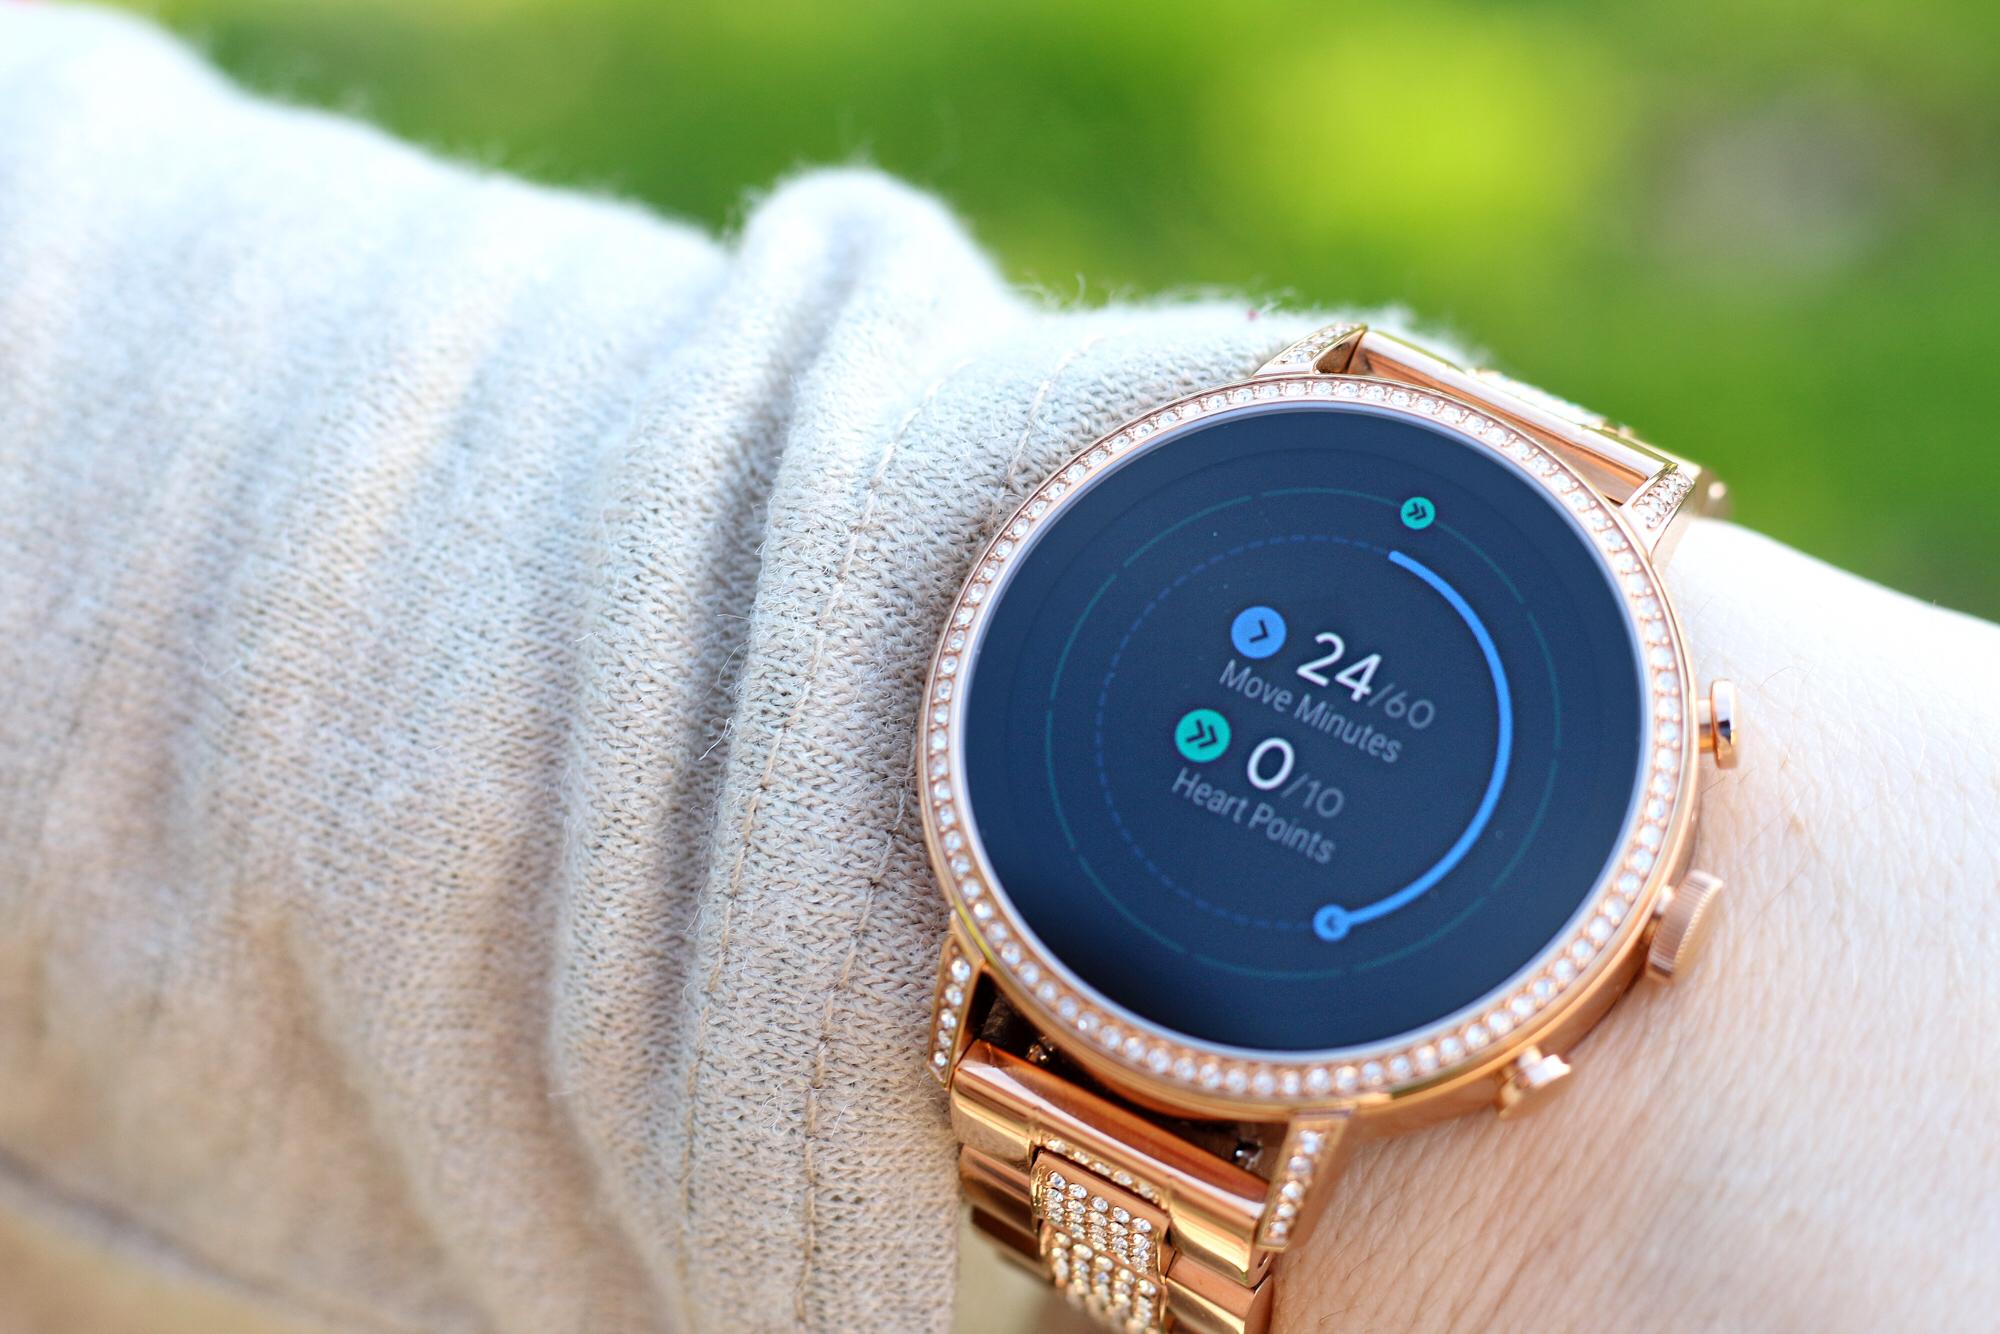 Google Fit on Venture HR Smartwatch